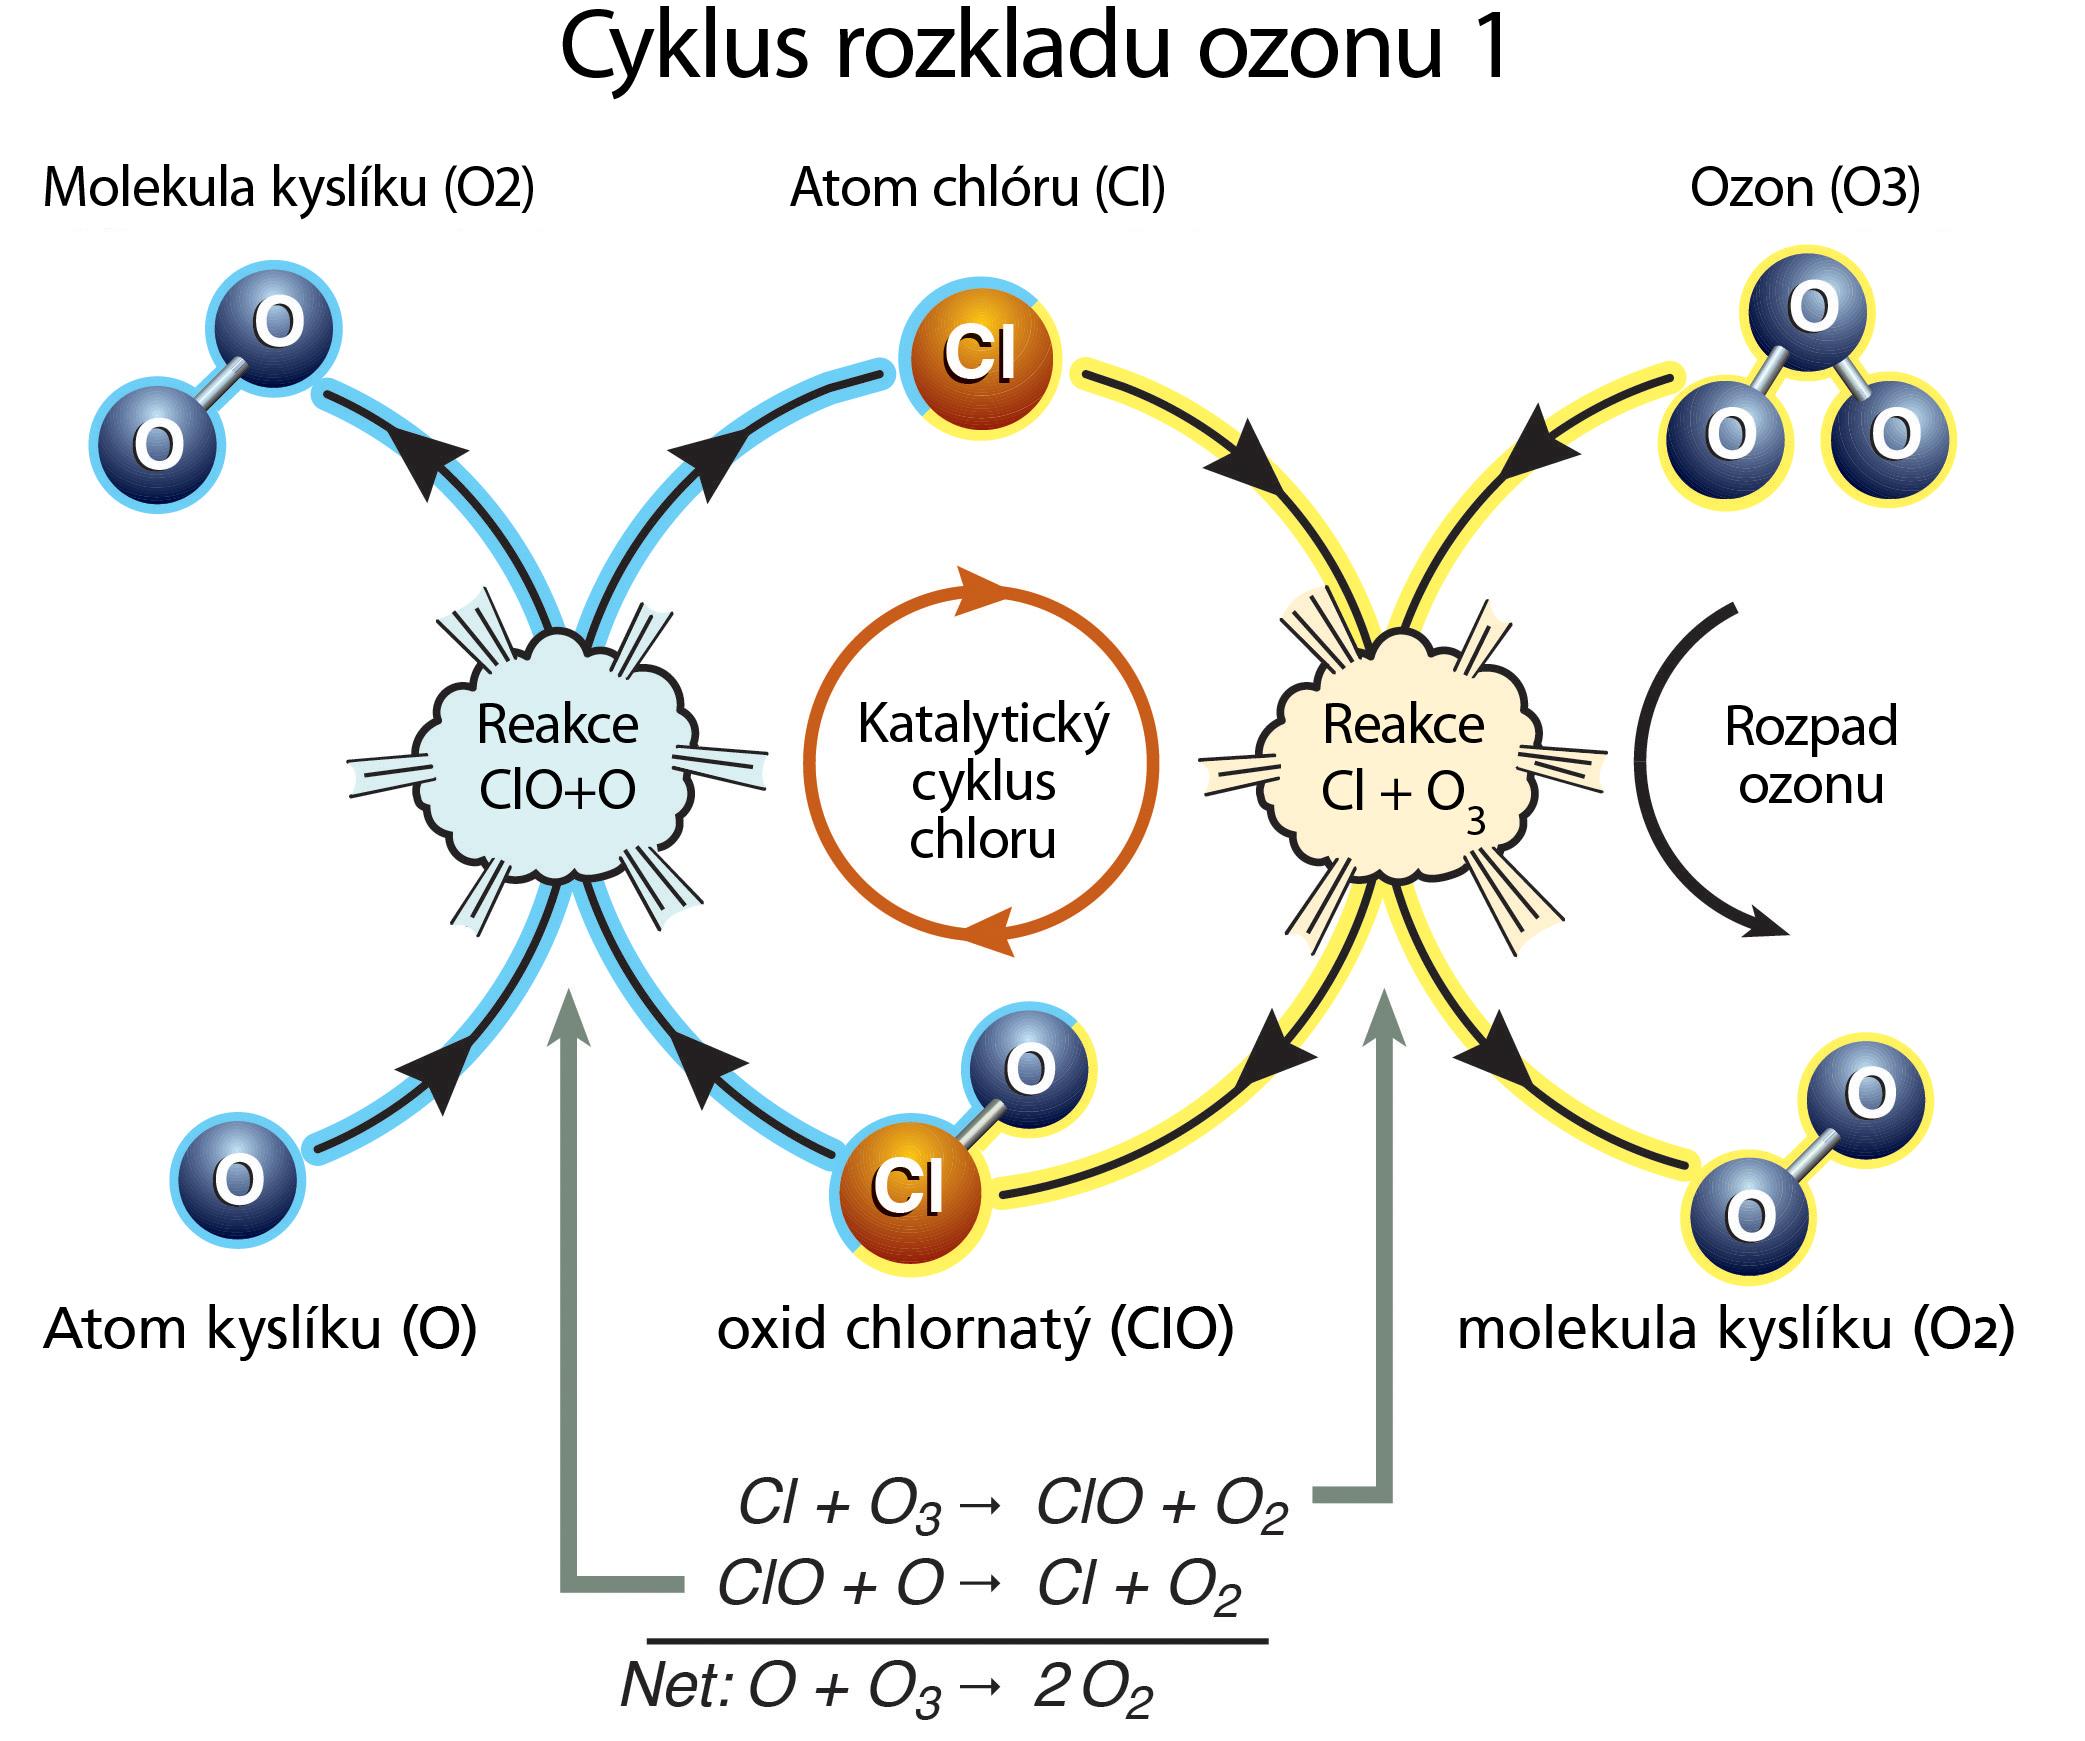 Cyklus rozpadu ozonu